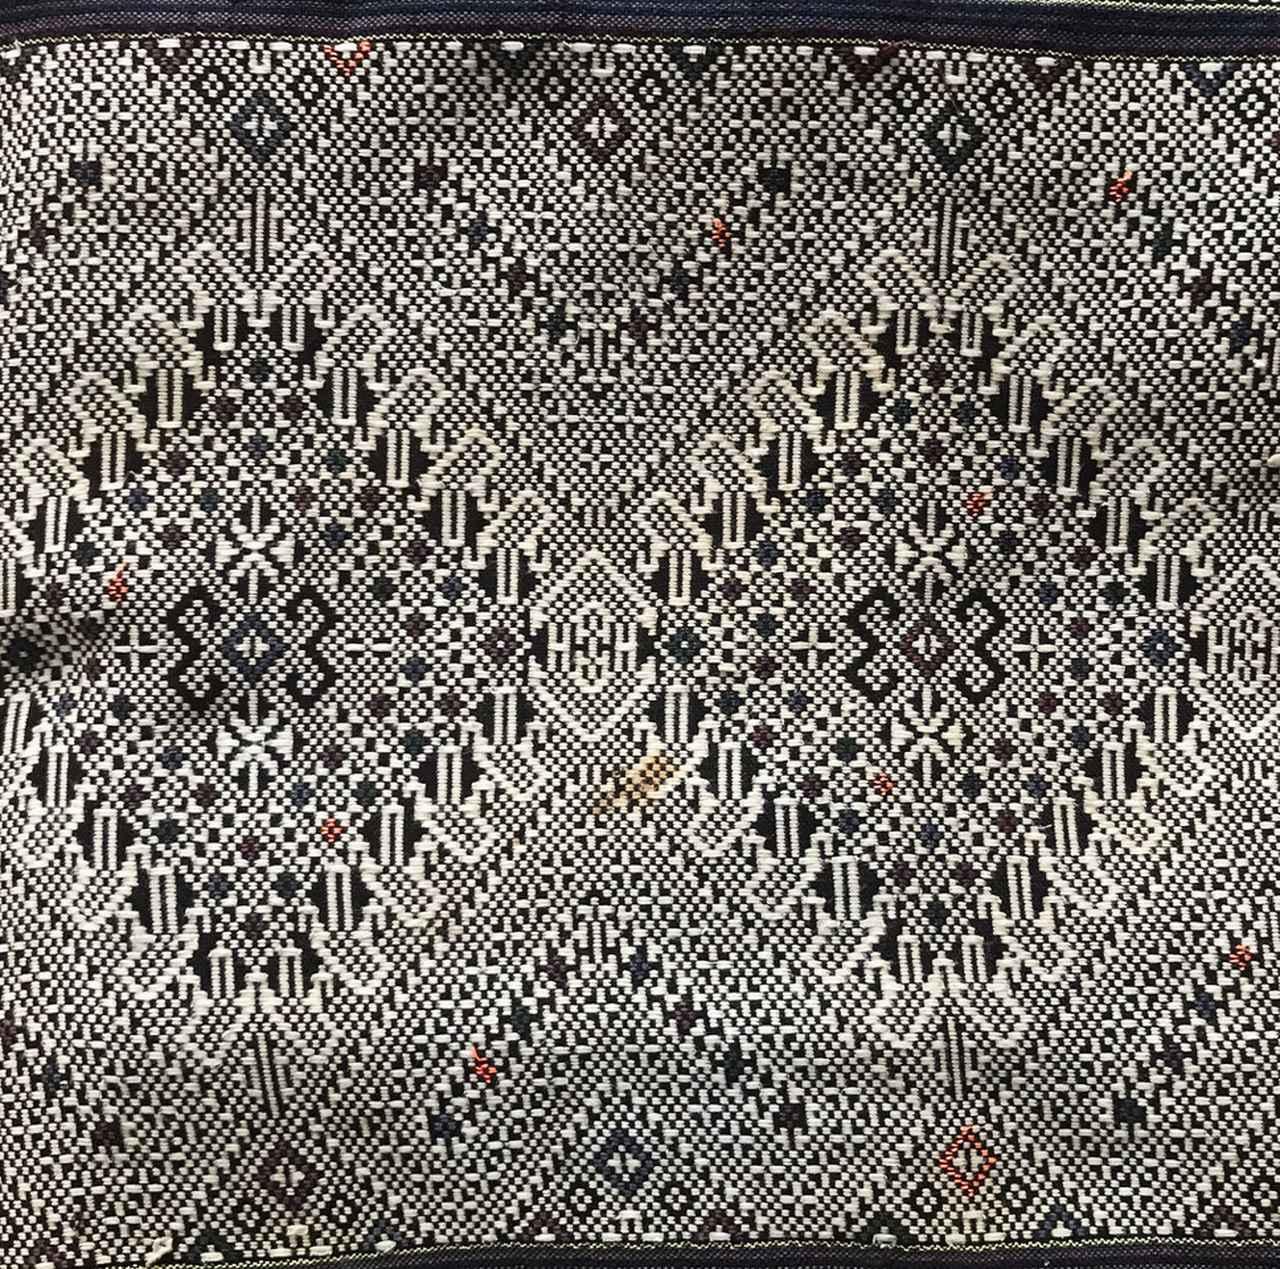 画像: 手織りで表現される美しい柄の世界に引き込まれます